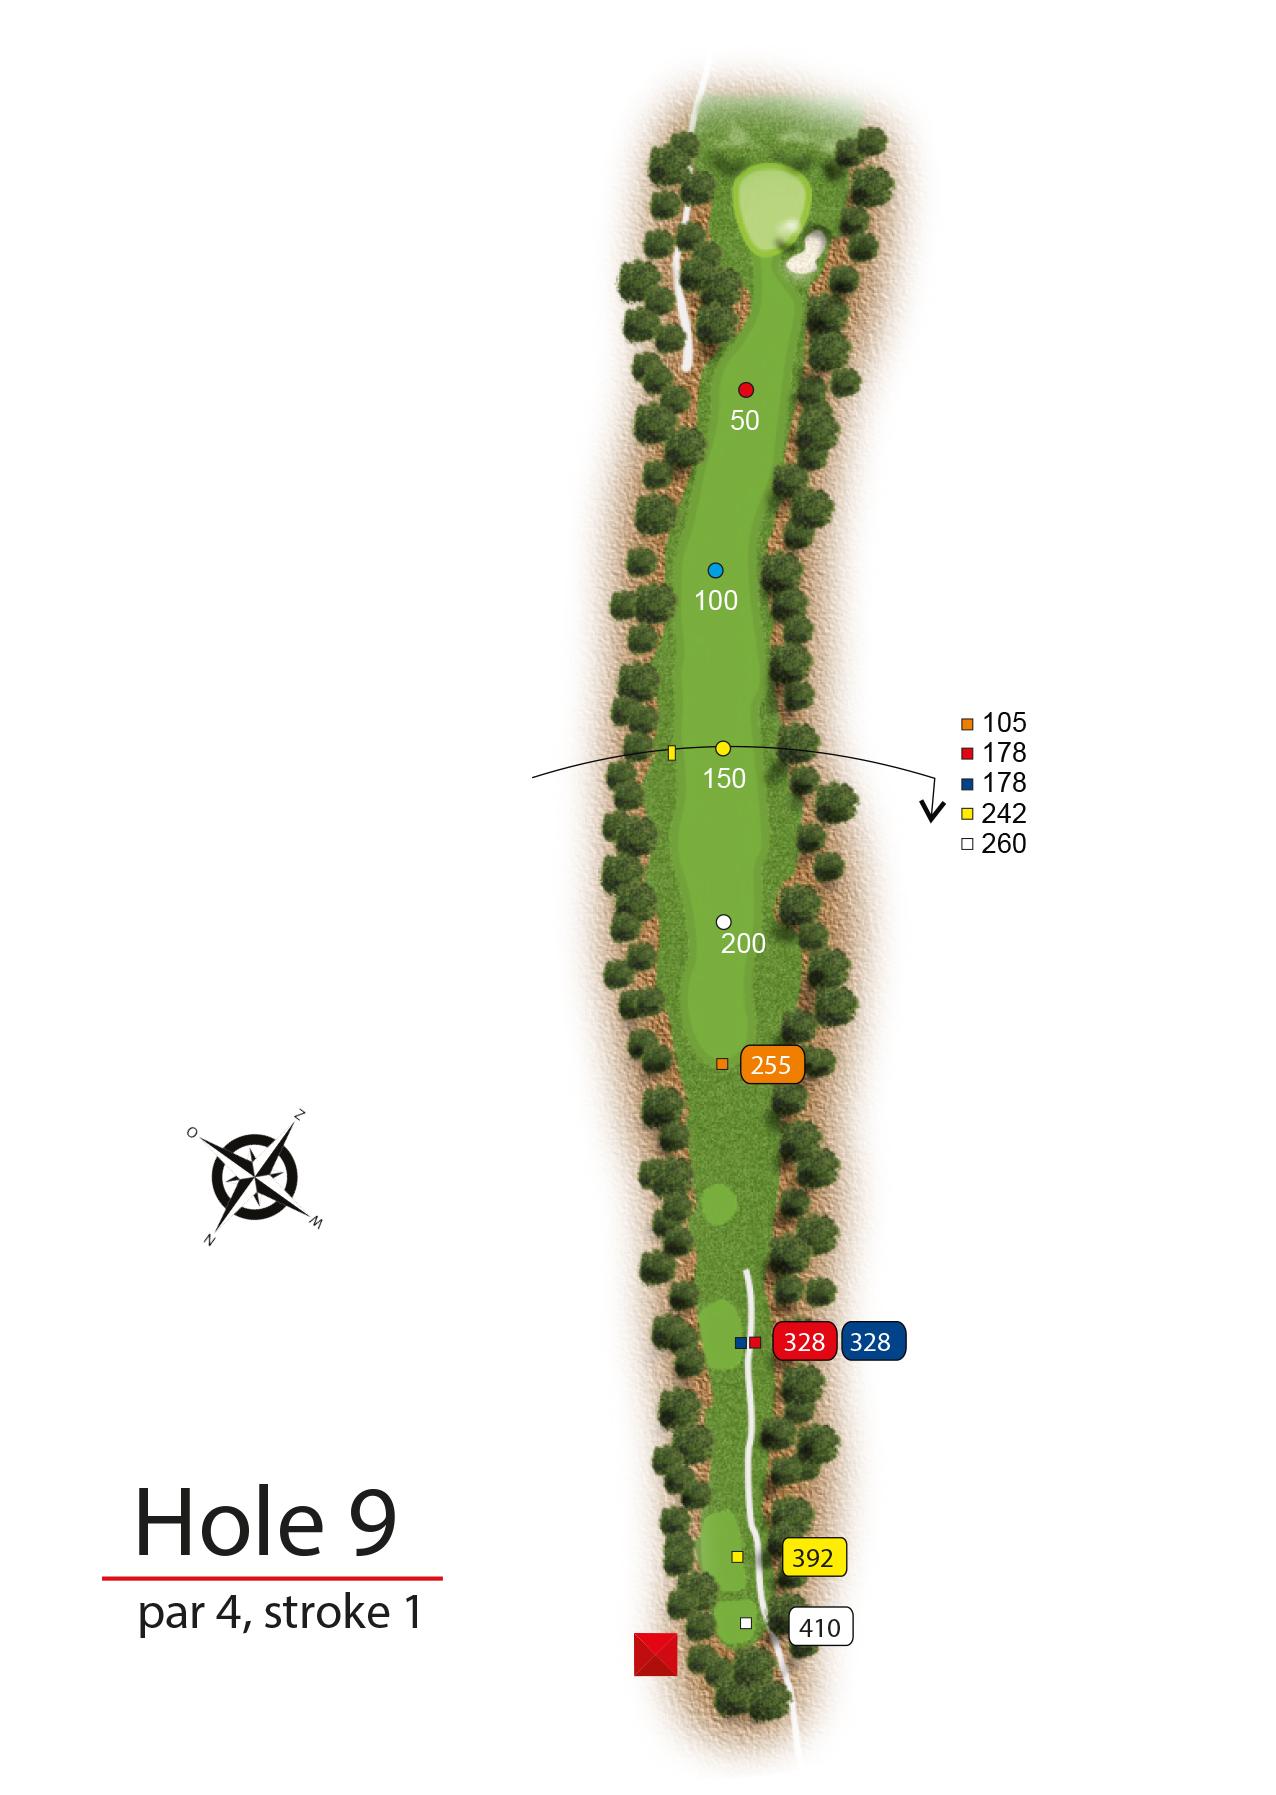 Hole 9 - simple